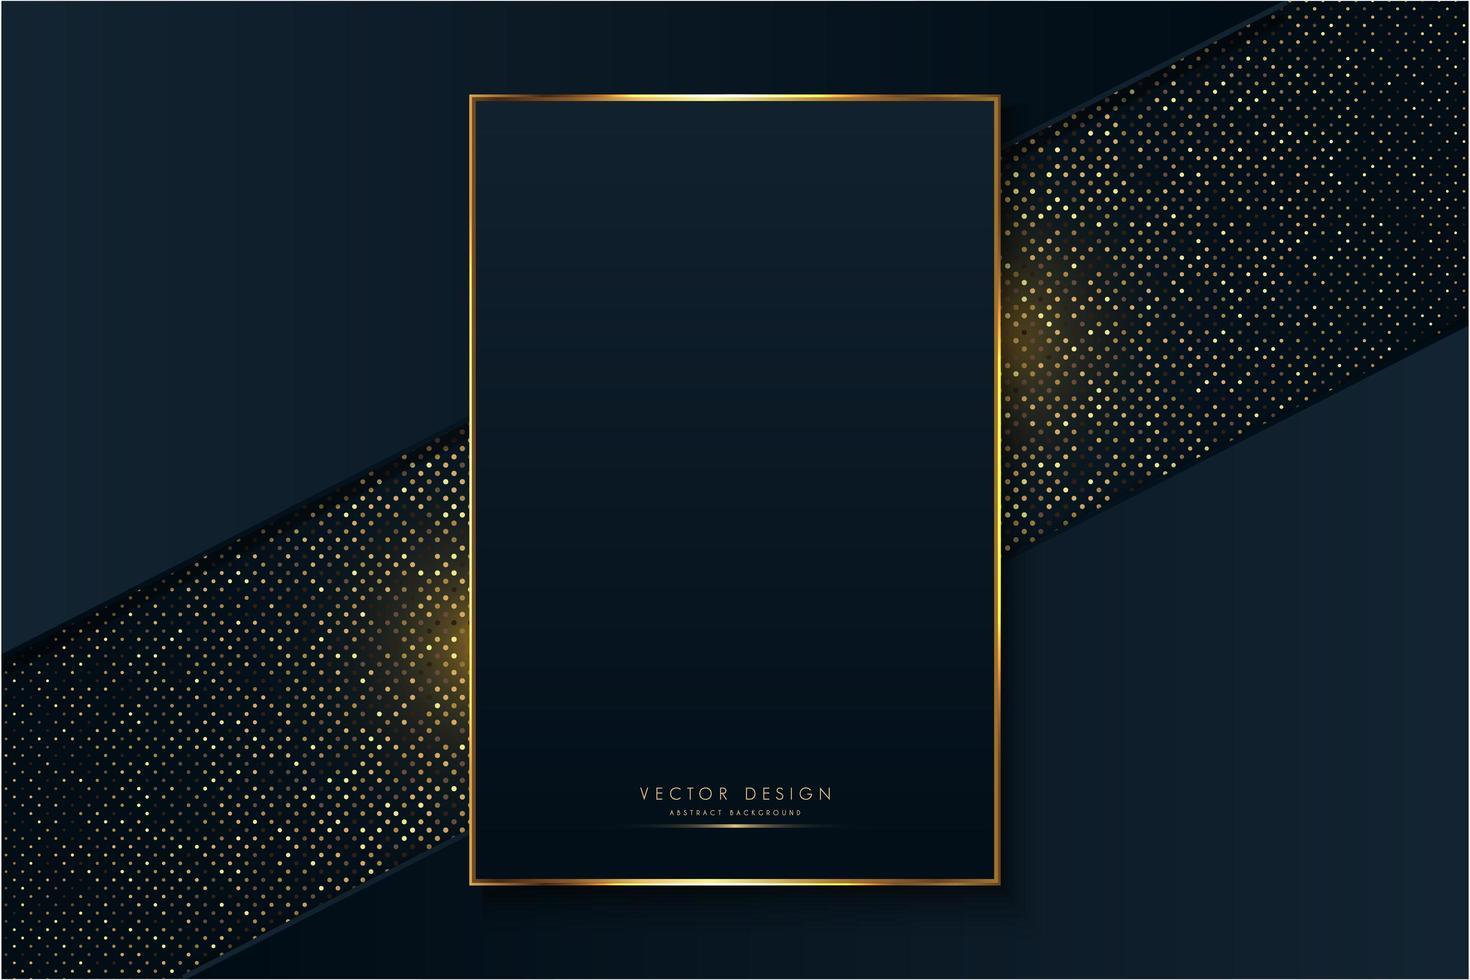 marco de lujo de azul y oro sobre puntos brillantes vector